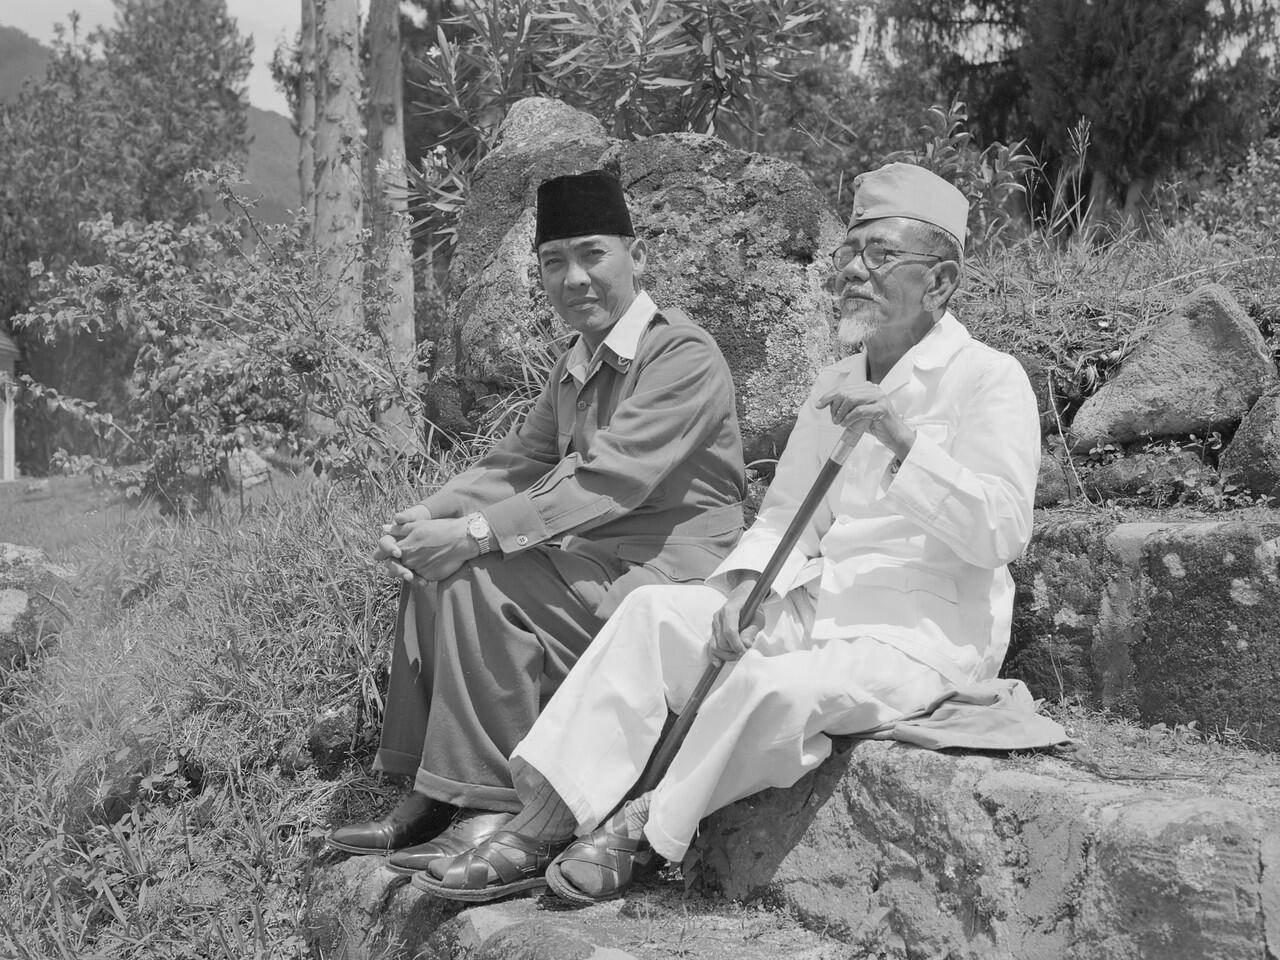 Mengenal Tokoh Pejuang Indonesia KH Agus Salim Si Kecil Yang